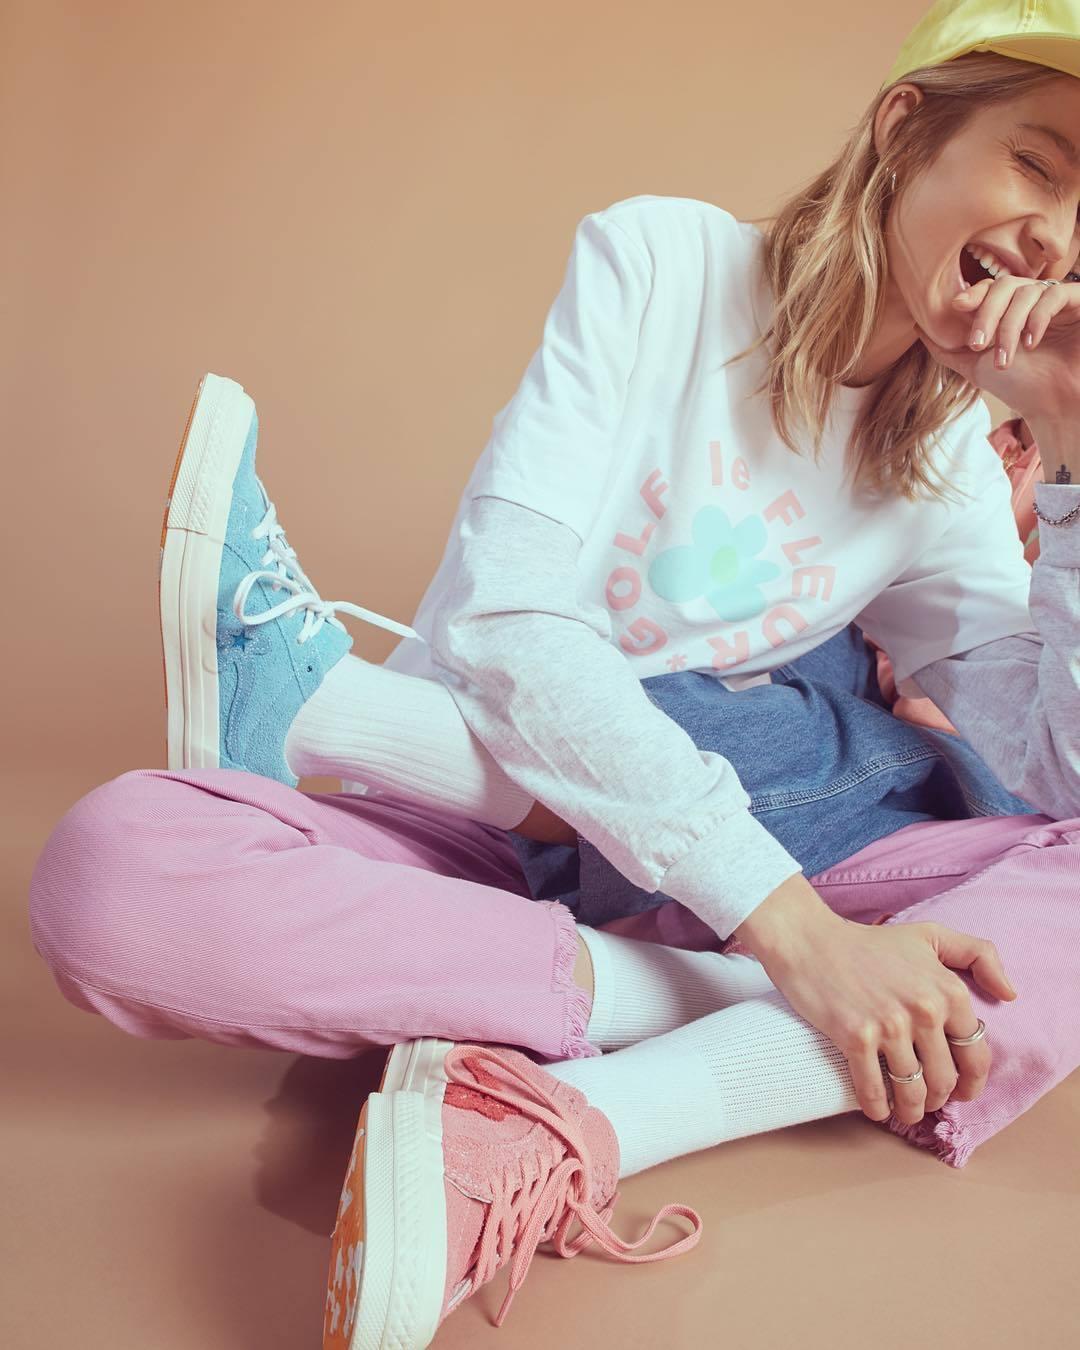 10-giay-sneaker-mau-pastel-copy-2